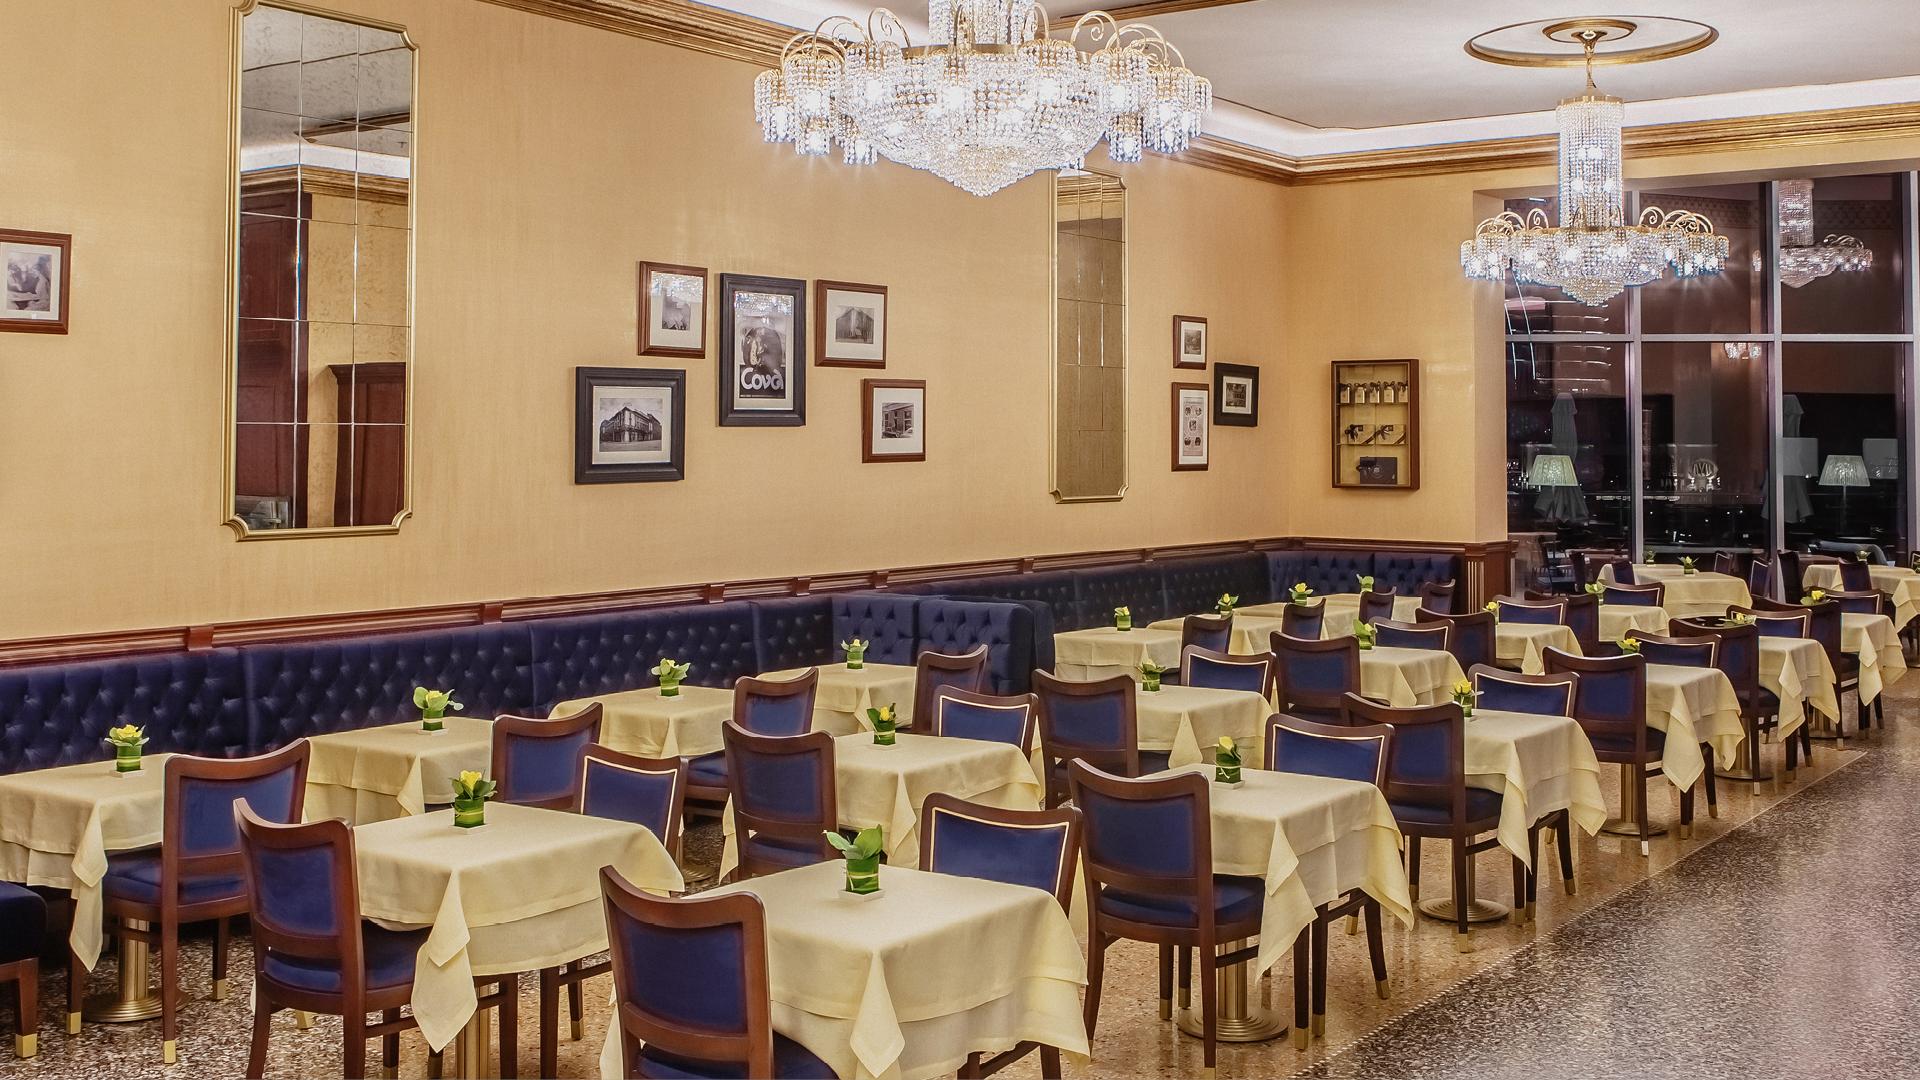 مطعم-Cova-أيطالي-دبي-مول